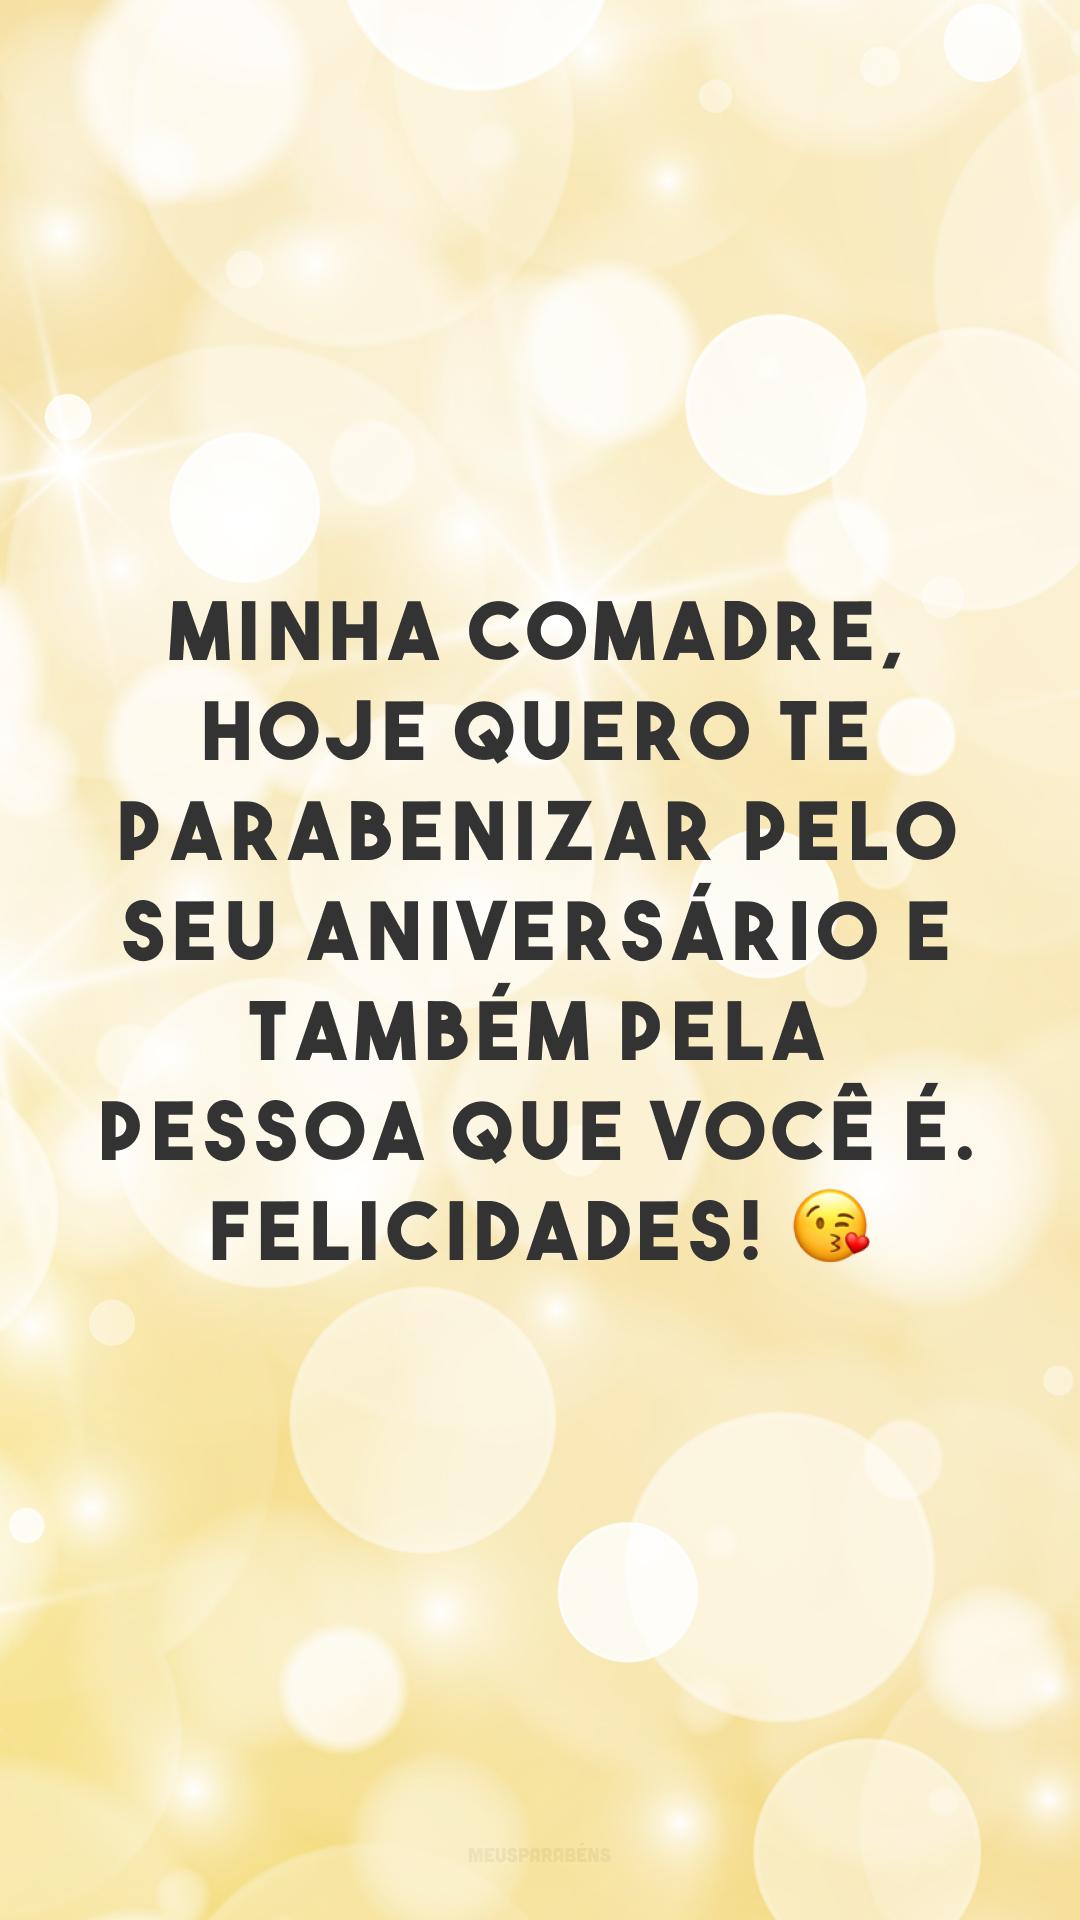 Minha comadre, hoje quero te parabenizar pelo seu aniversário e também pela pessoa que você é. Felicidades! ?